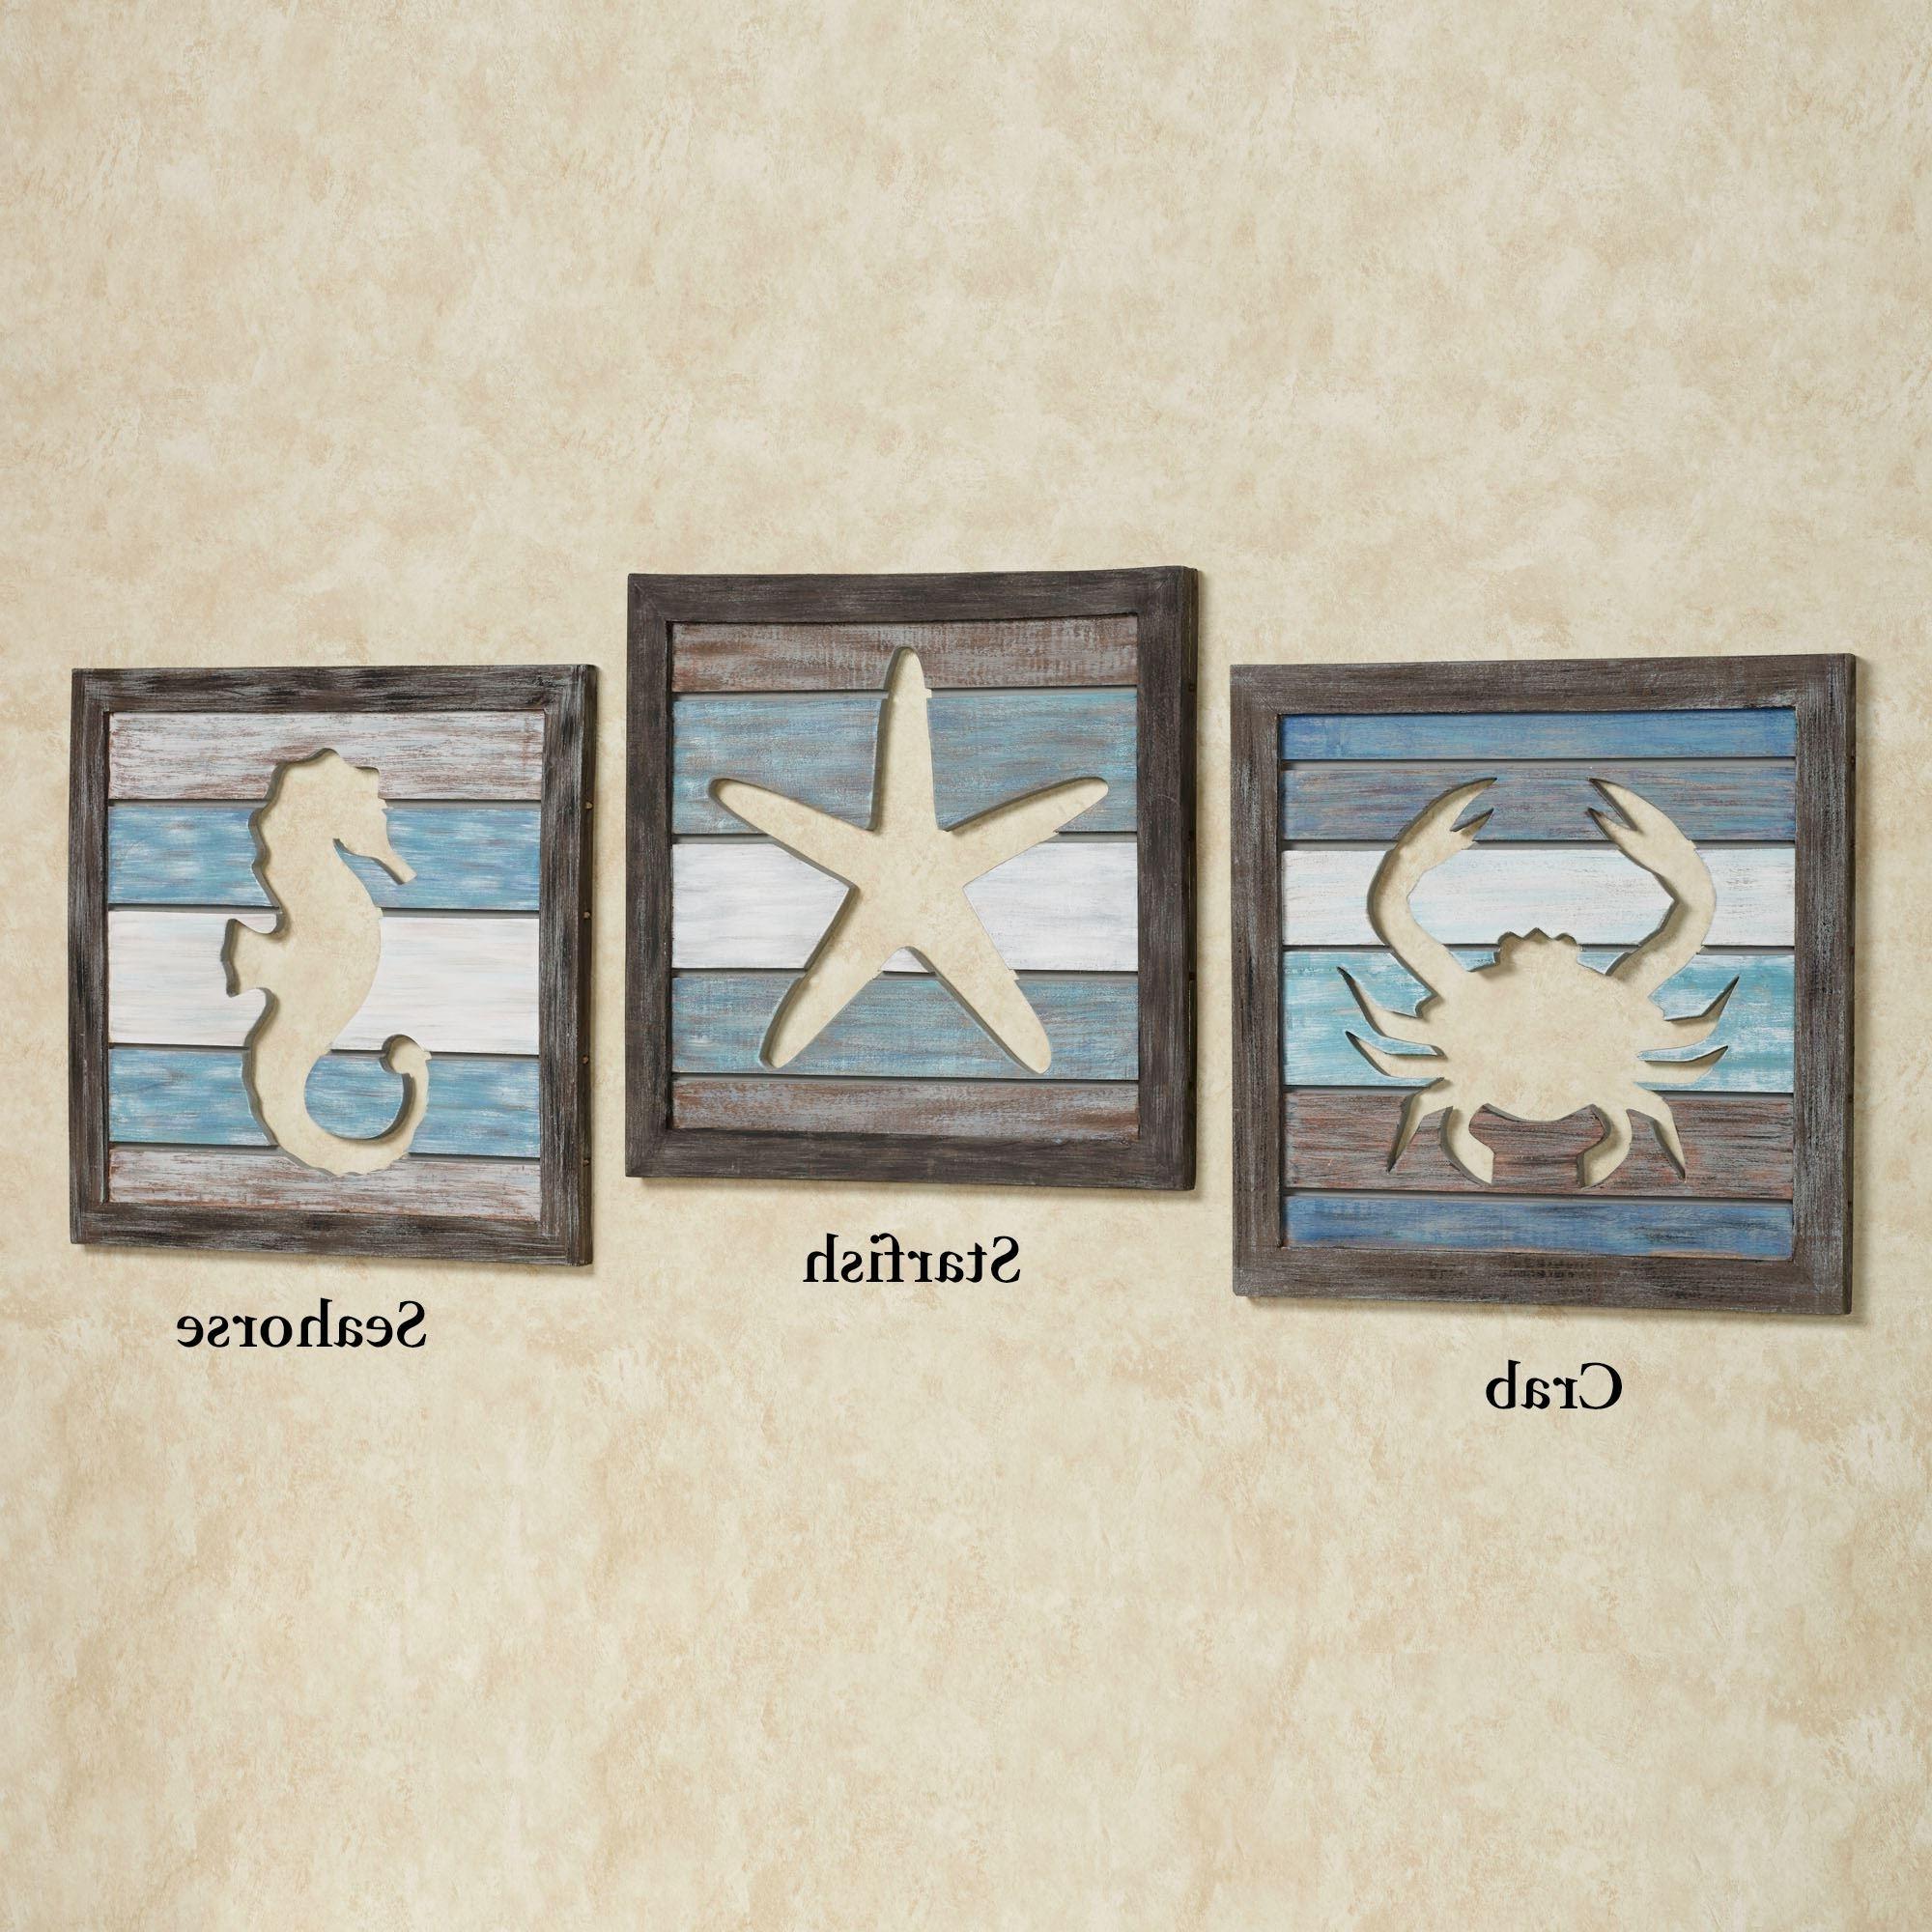 Fashionable Sea Life Wall Art In Coastal Wood Wall Decor Sealife Cutout Slat Indoor Outdoor Coastal (View 7 of 15)